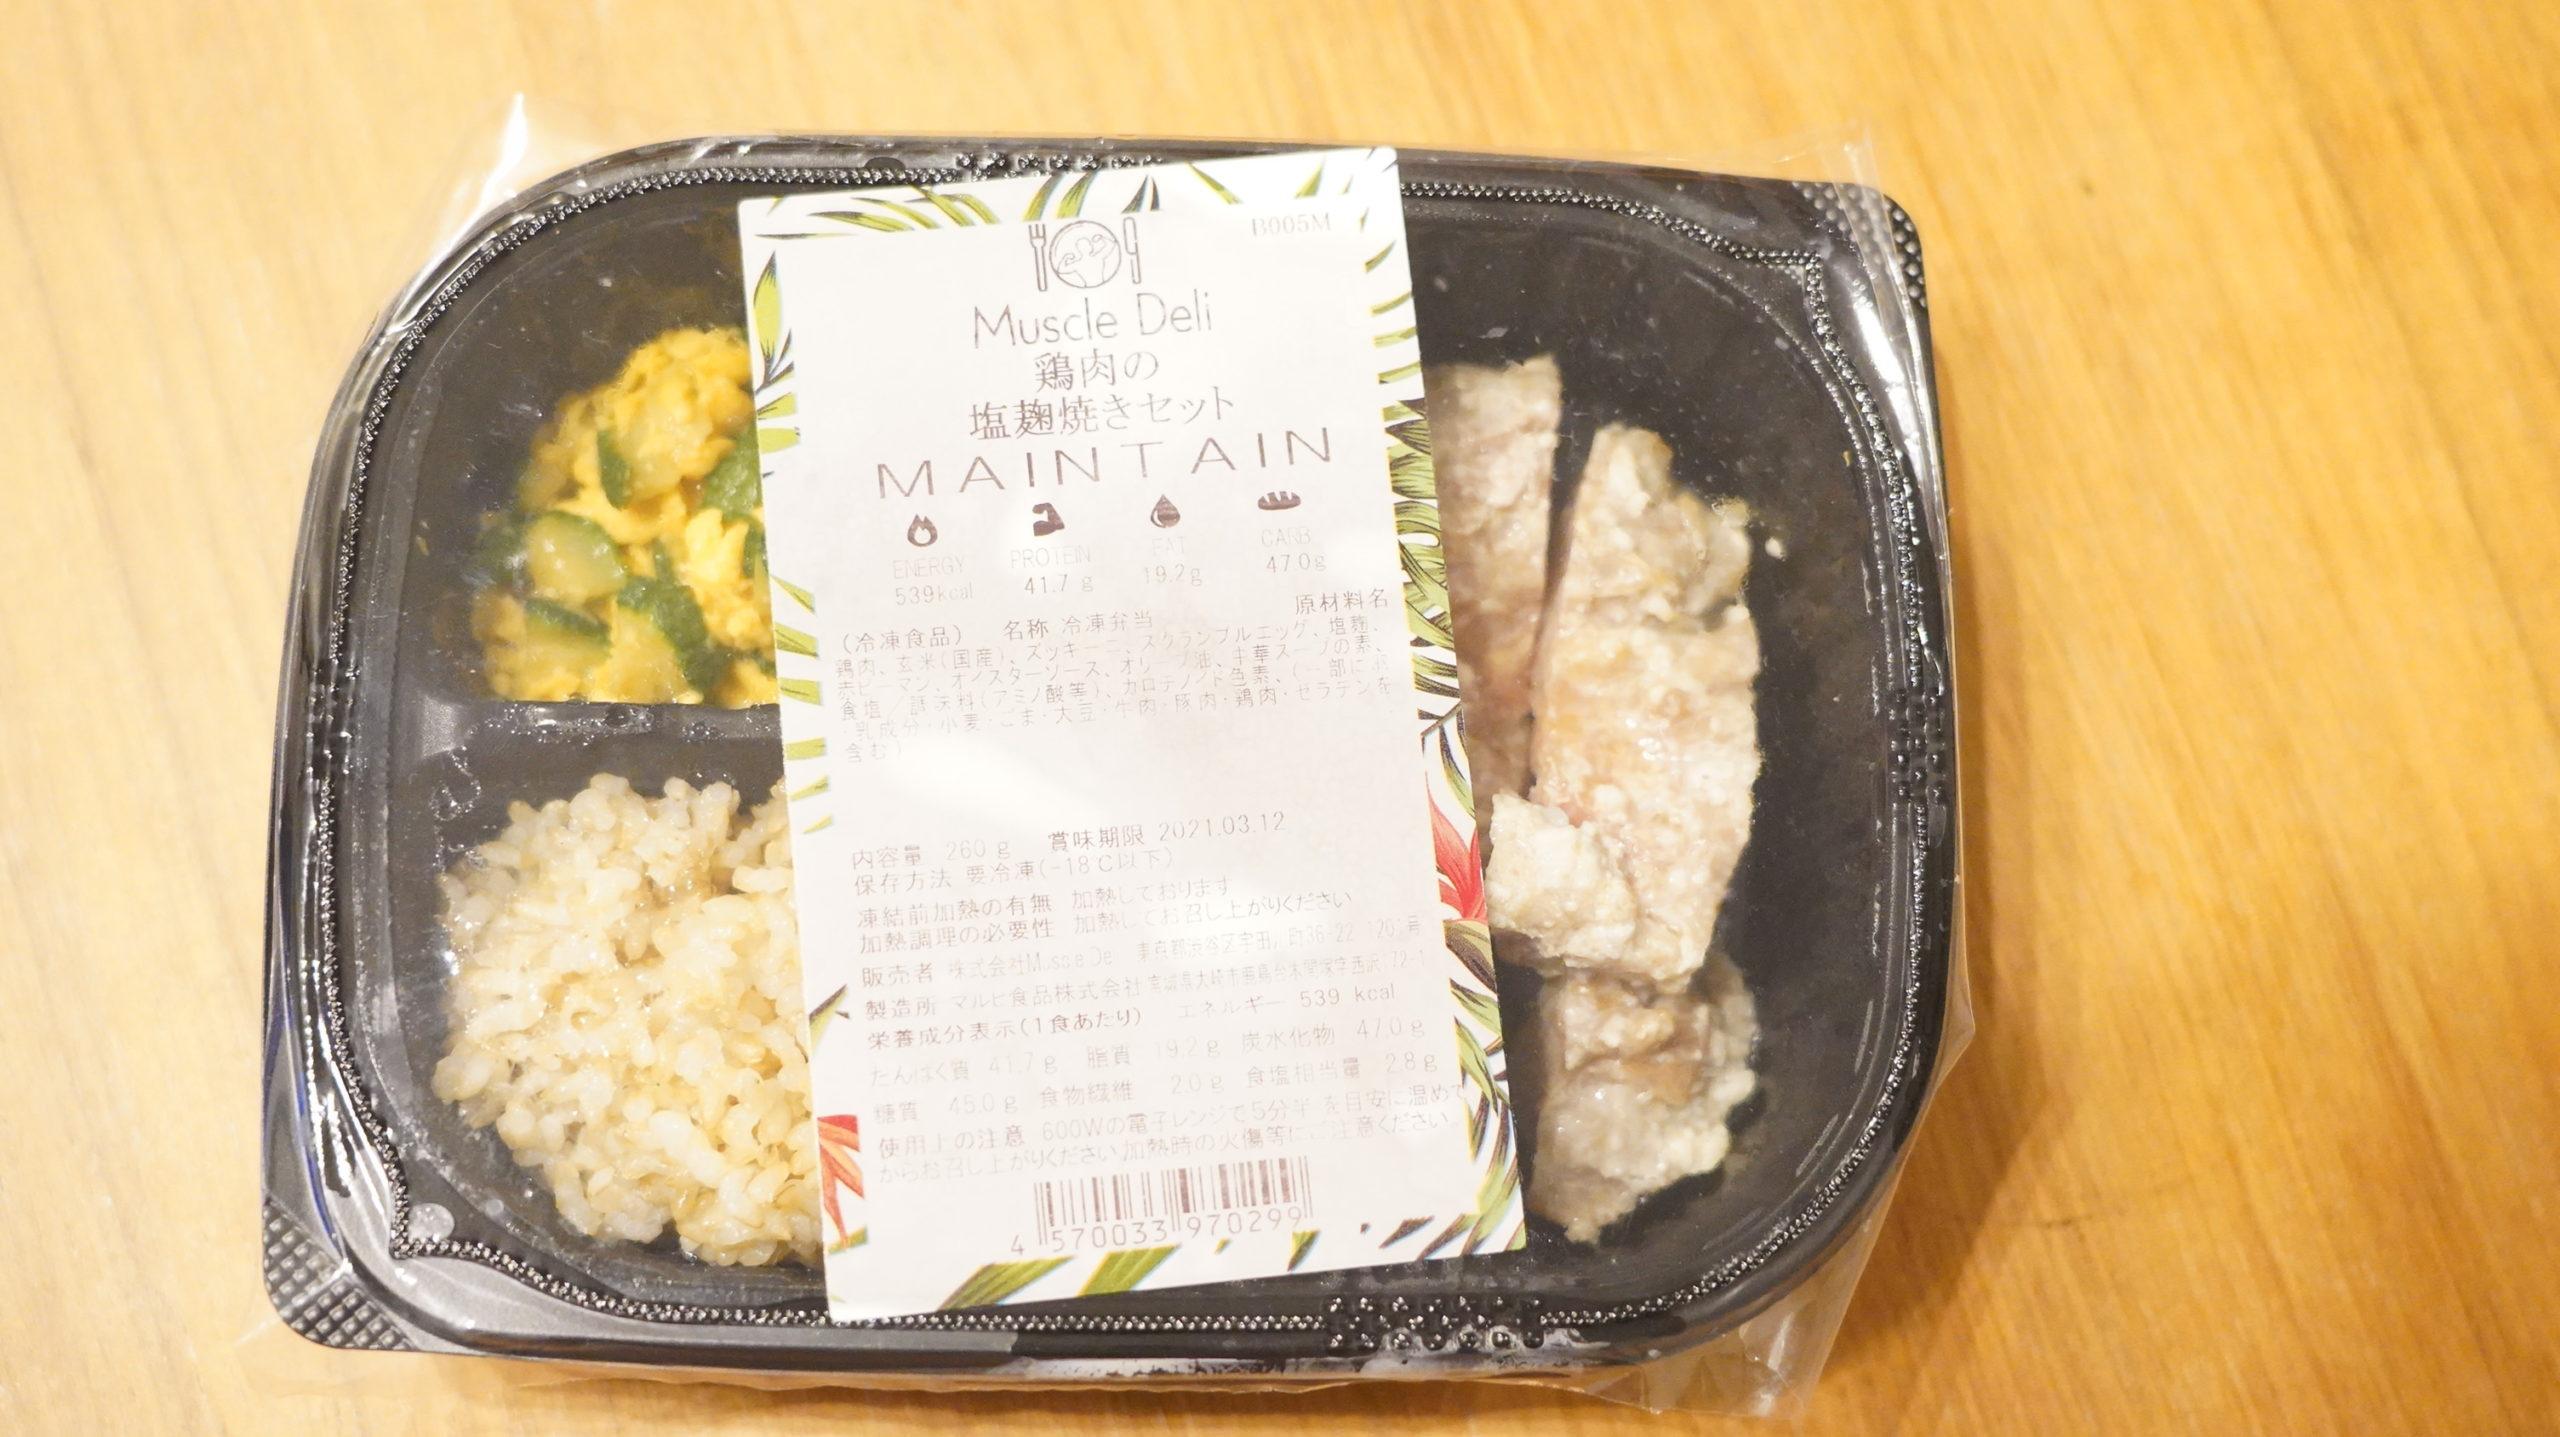 マッスルデリ(Muscle Deli)の鶏肉の塩麹焼きセットのパッケージの写真